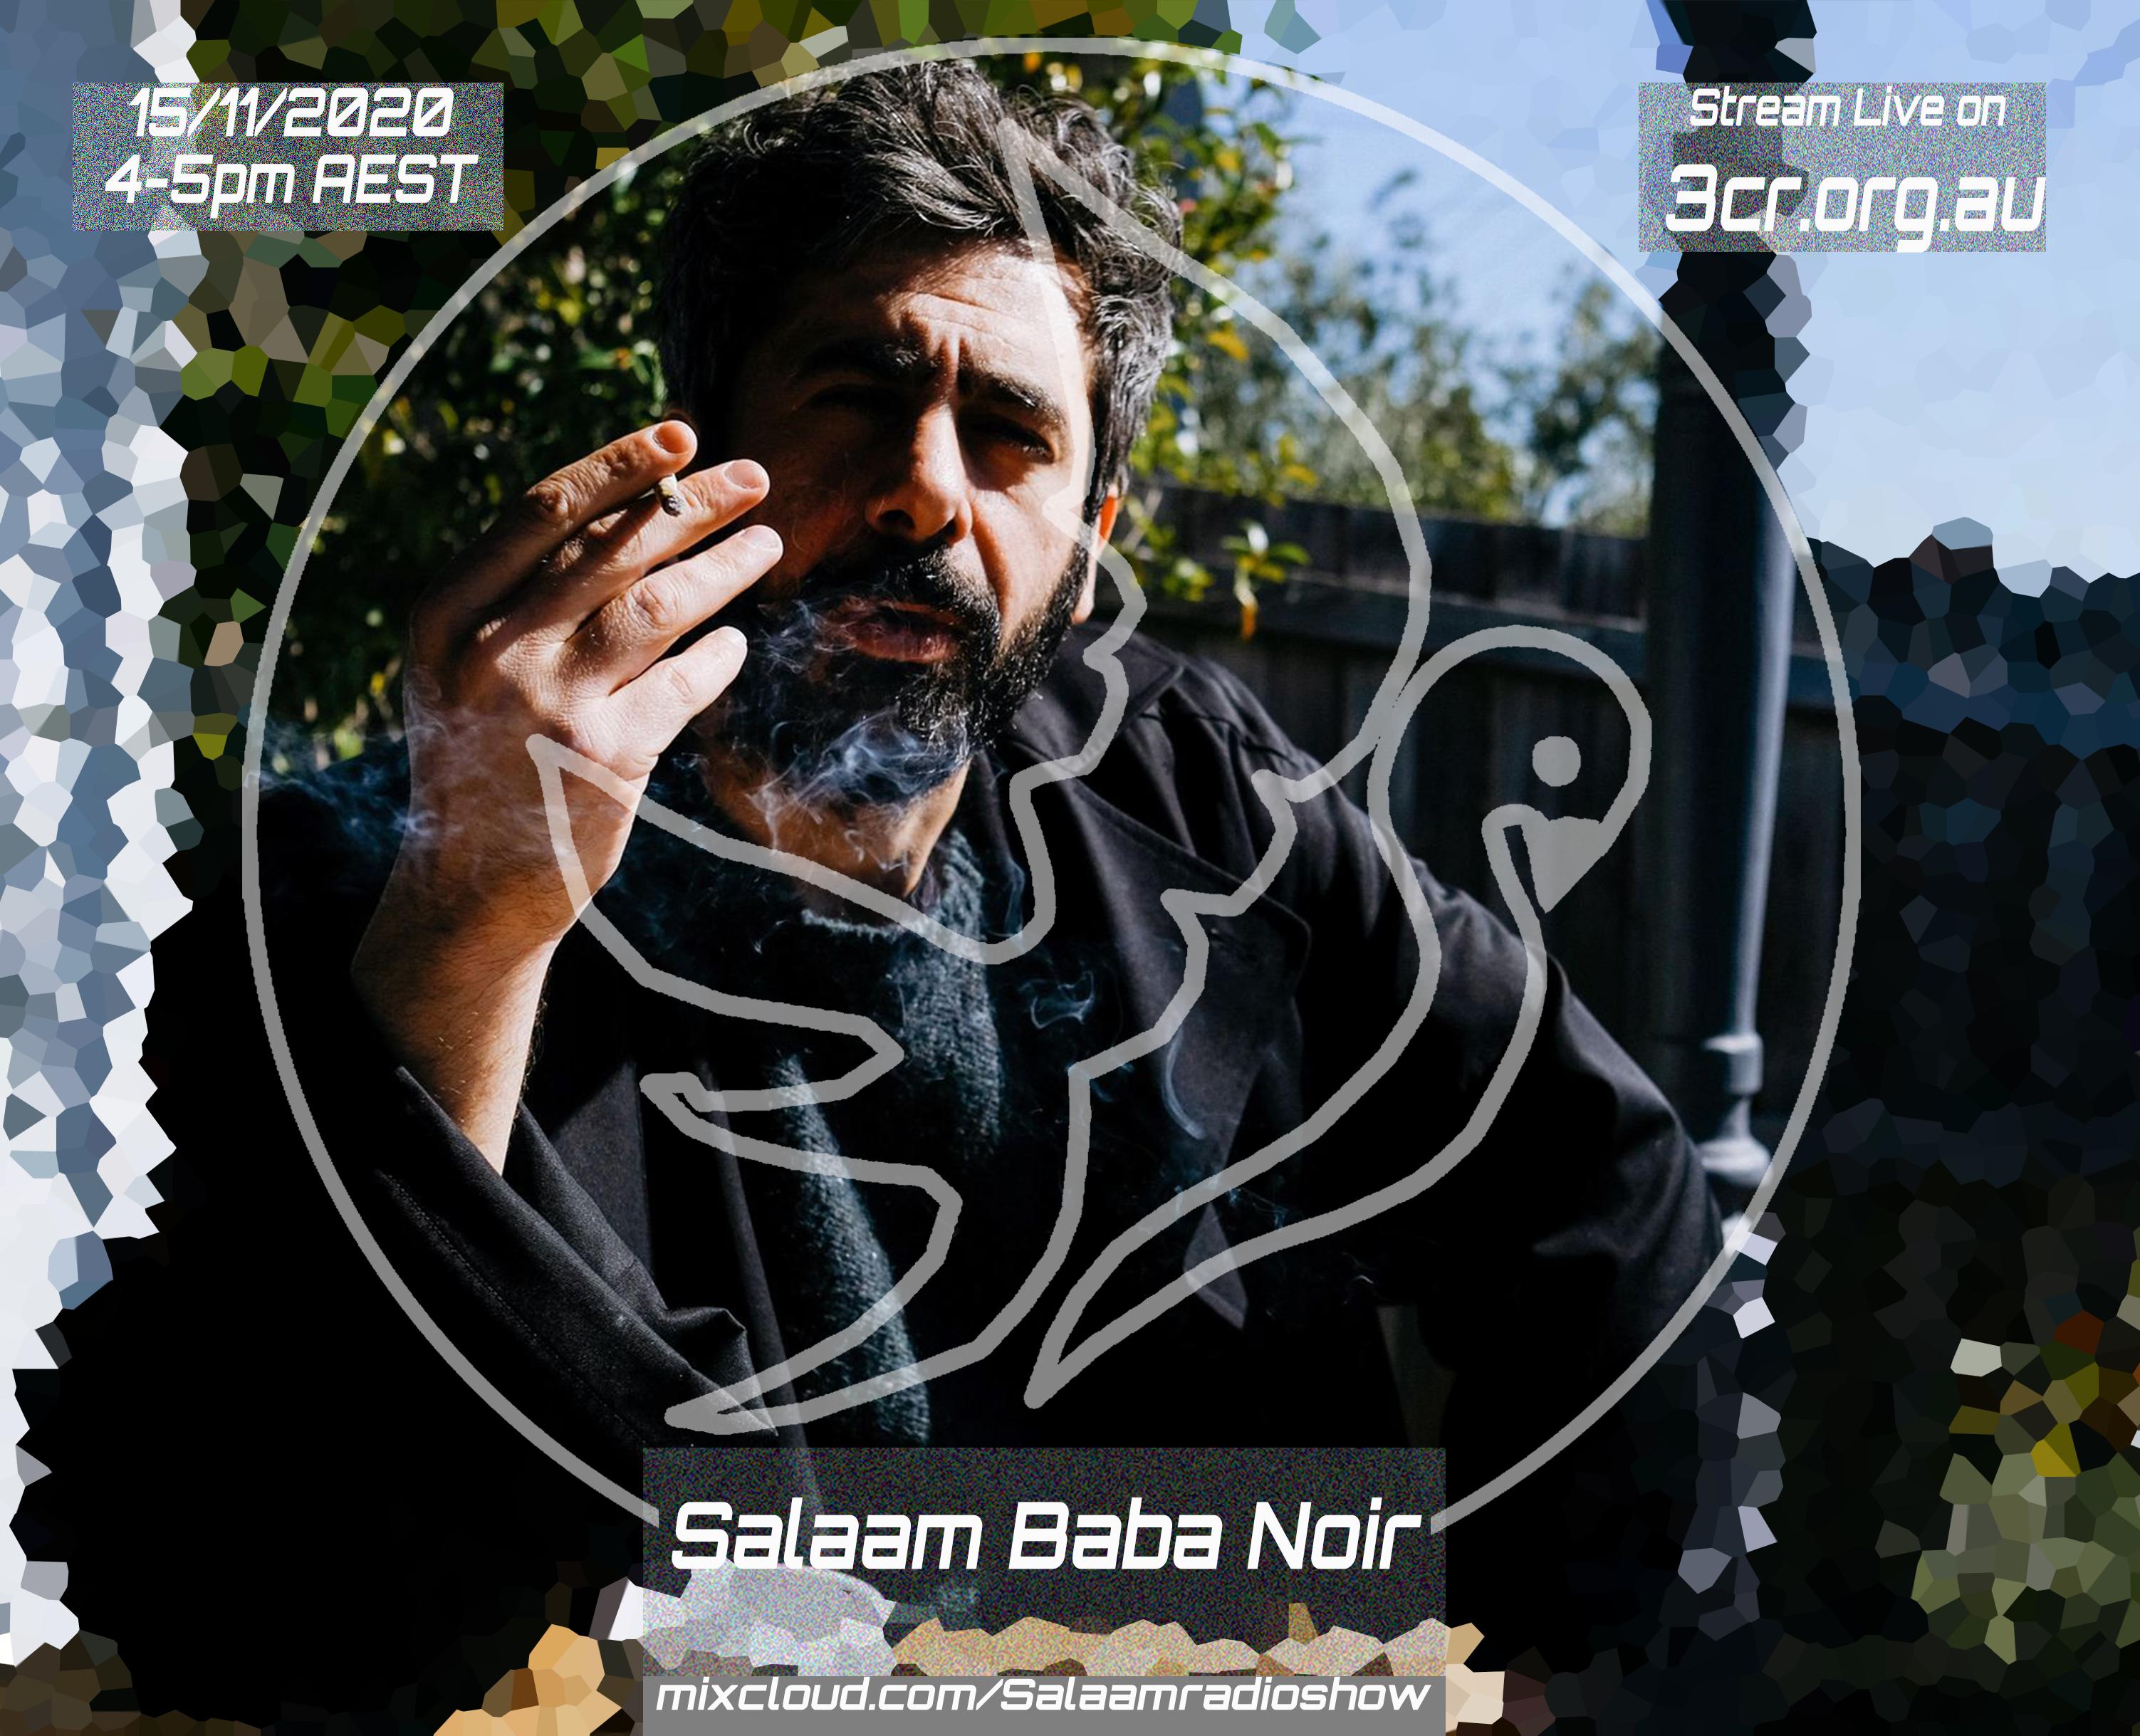 Baba Noir